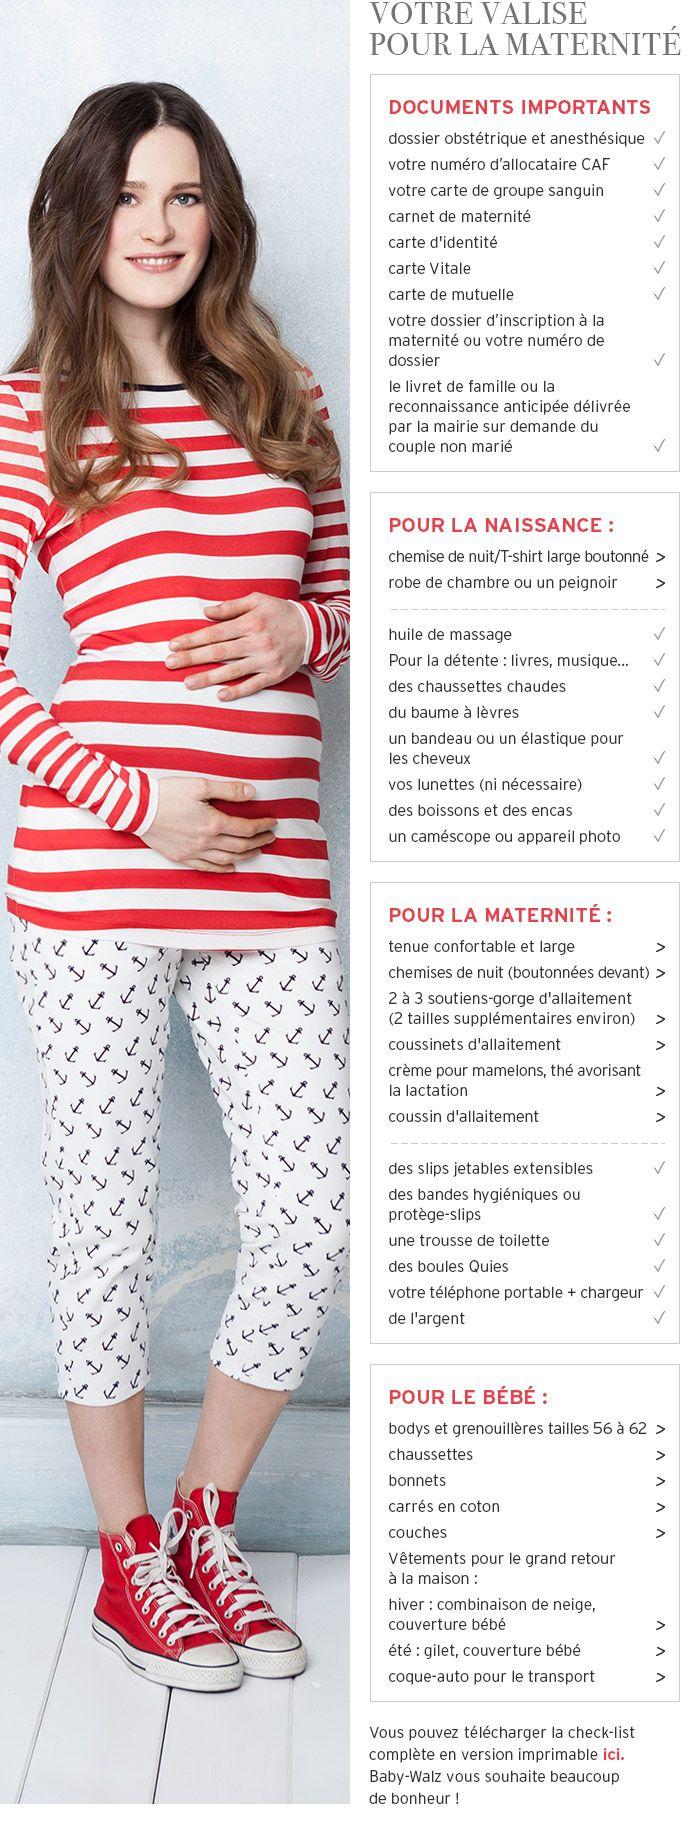 Votre valise pour la maternité - à commander en ligne - Baby-Walz